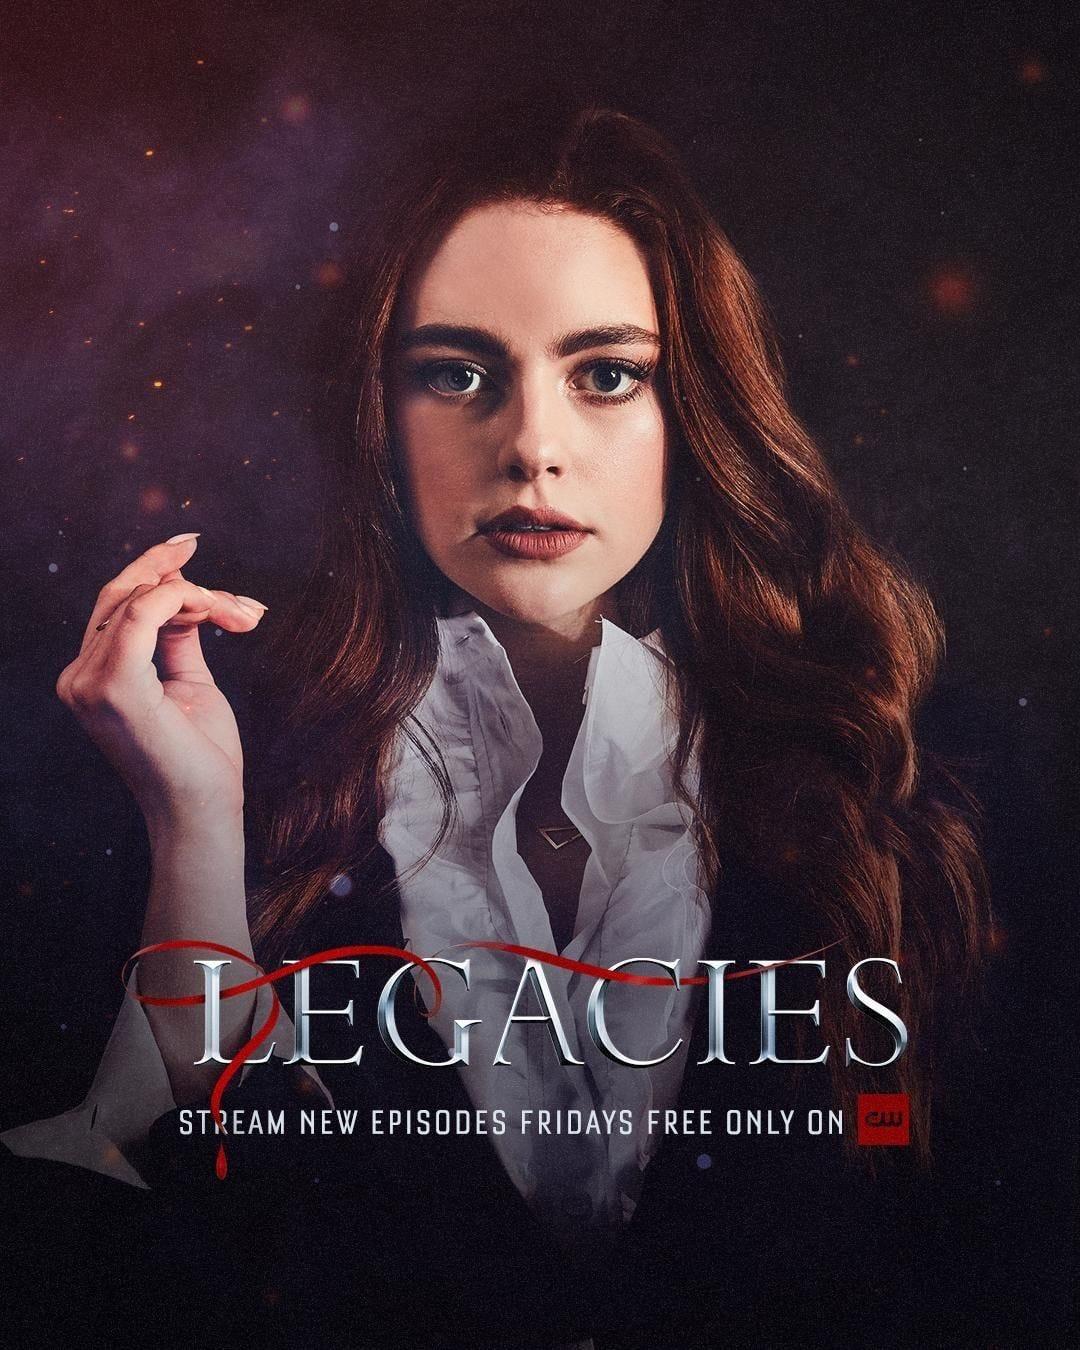 """Legacies Saison 1 Episode 1 : legacies, saison, episode, Legacies"""", [Full, Episodes], Season, Episode, Legacies, 03x01, Series)"""